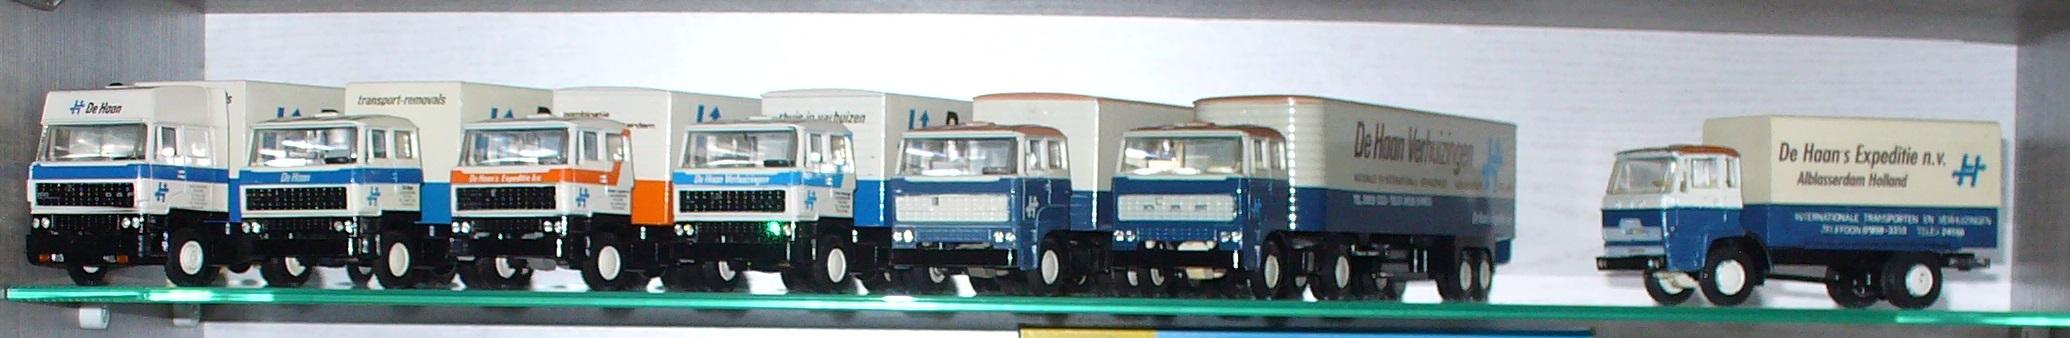 Jan-Korevaar-Modellen-2